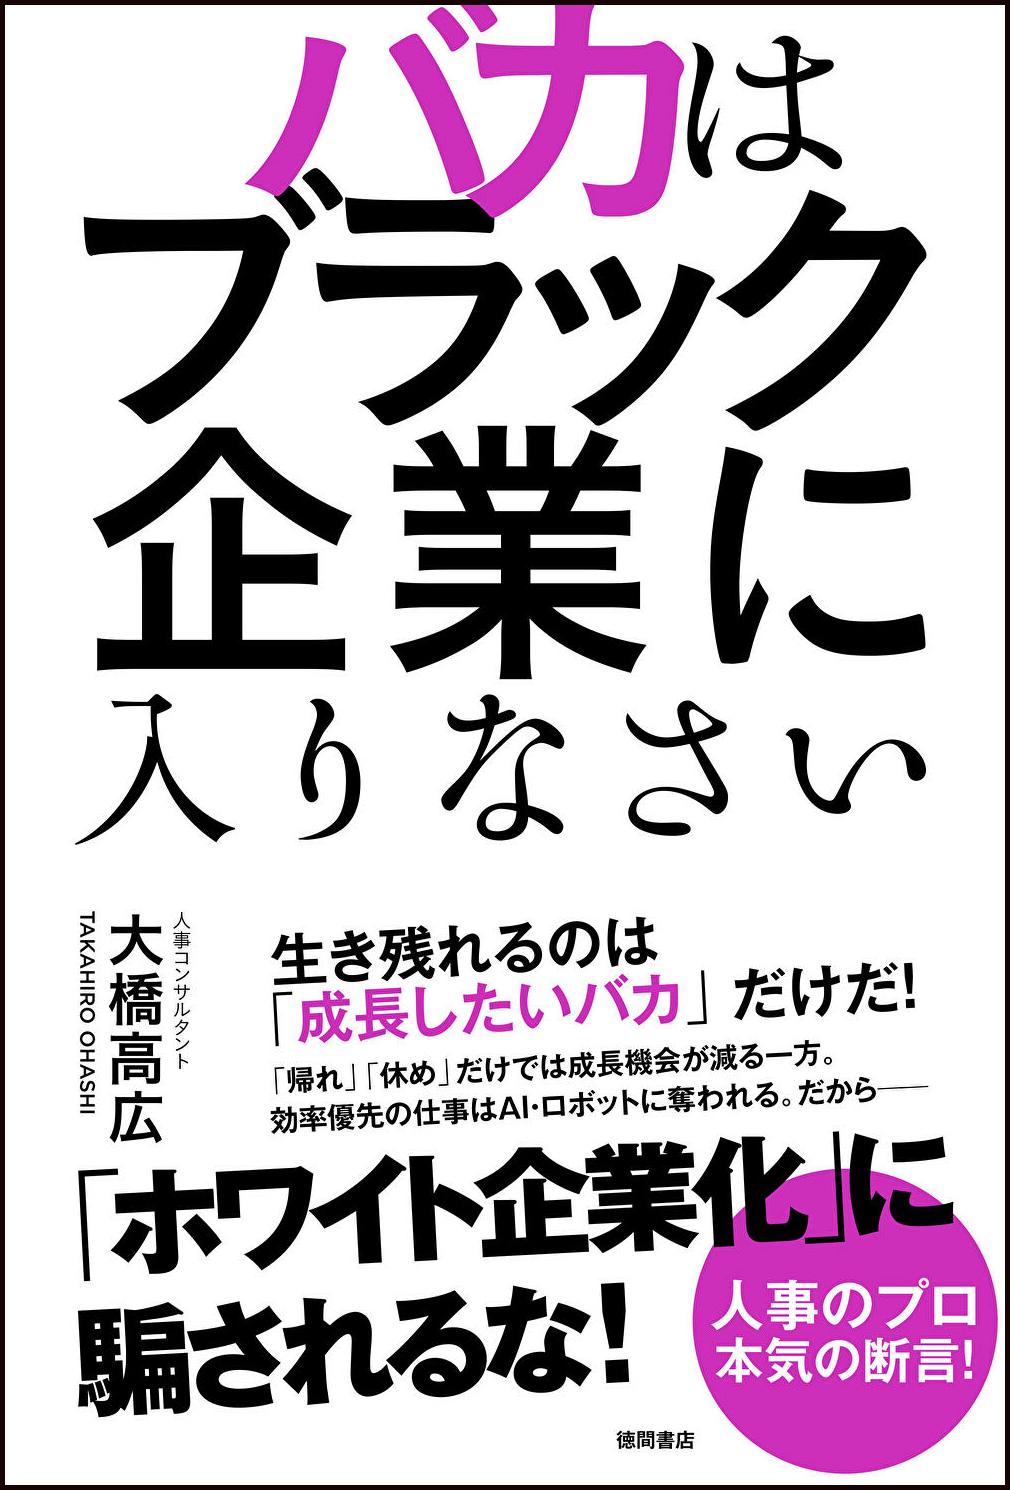 ホワイト企業化で日本が沈む。こんな時代を生き残れるのは「成長したいバカ」だけだ!『バカはブラック企業... 画像